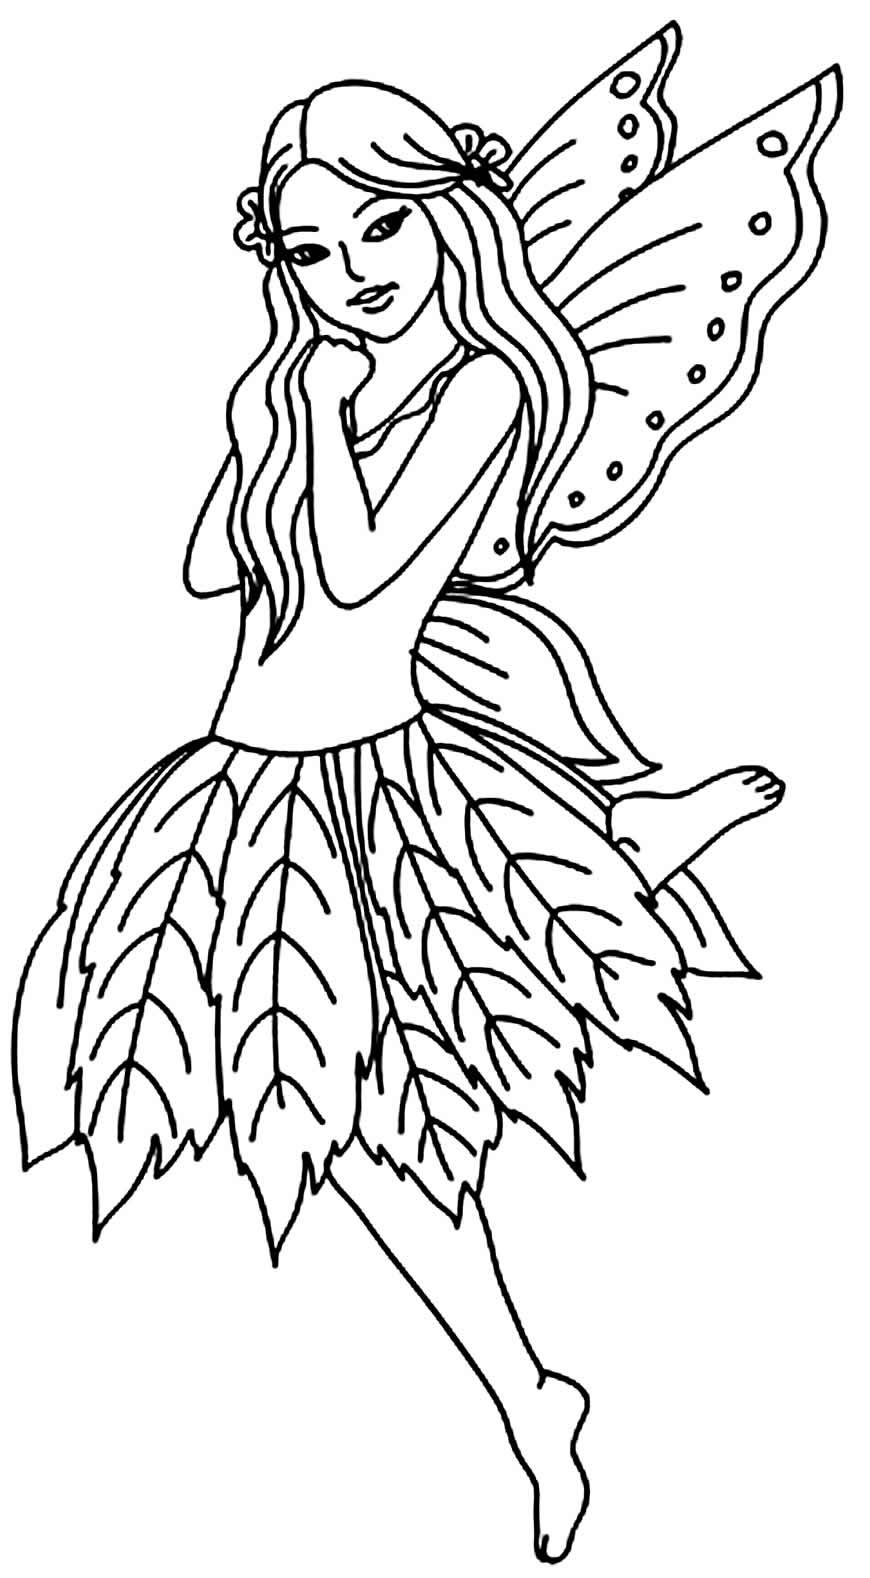 Desenho para colorir de Fada